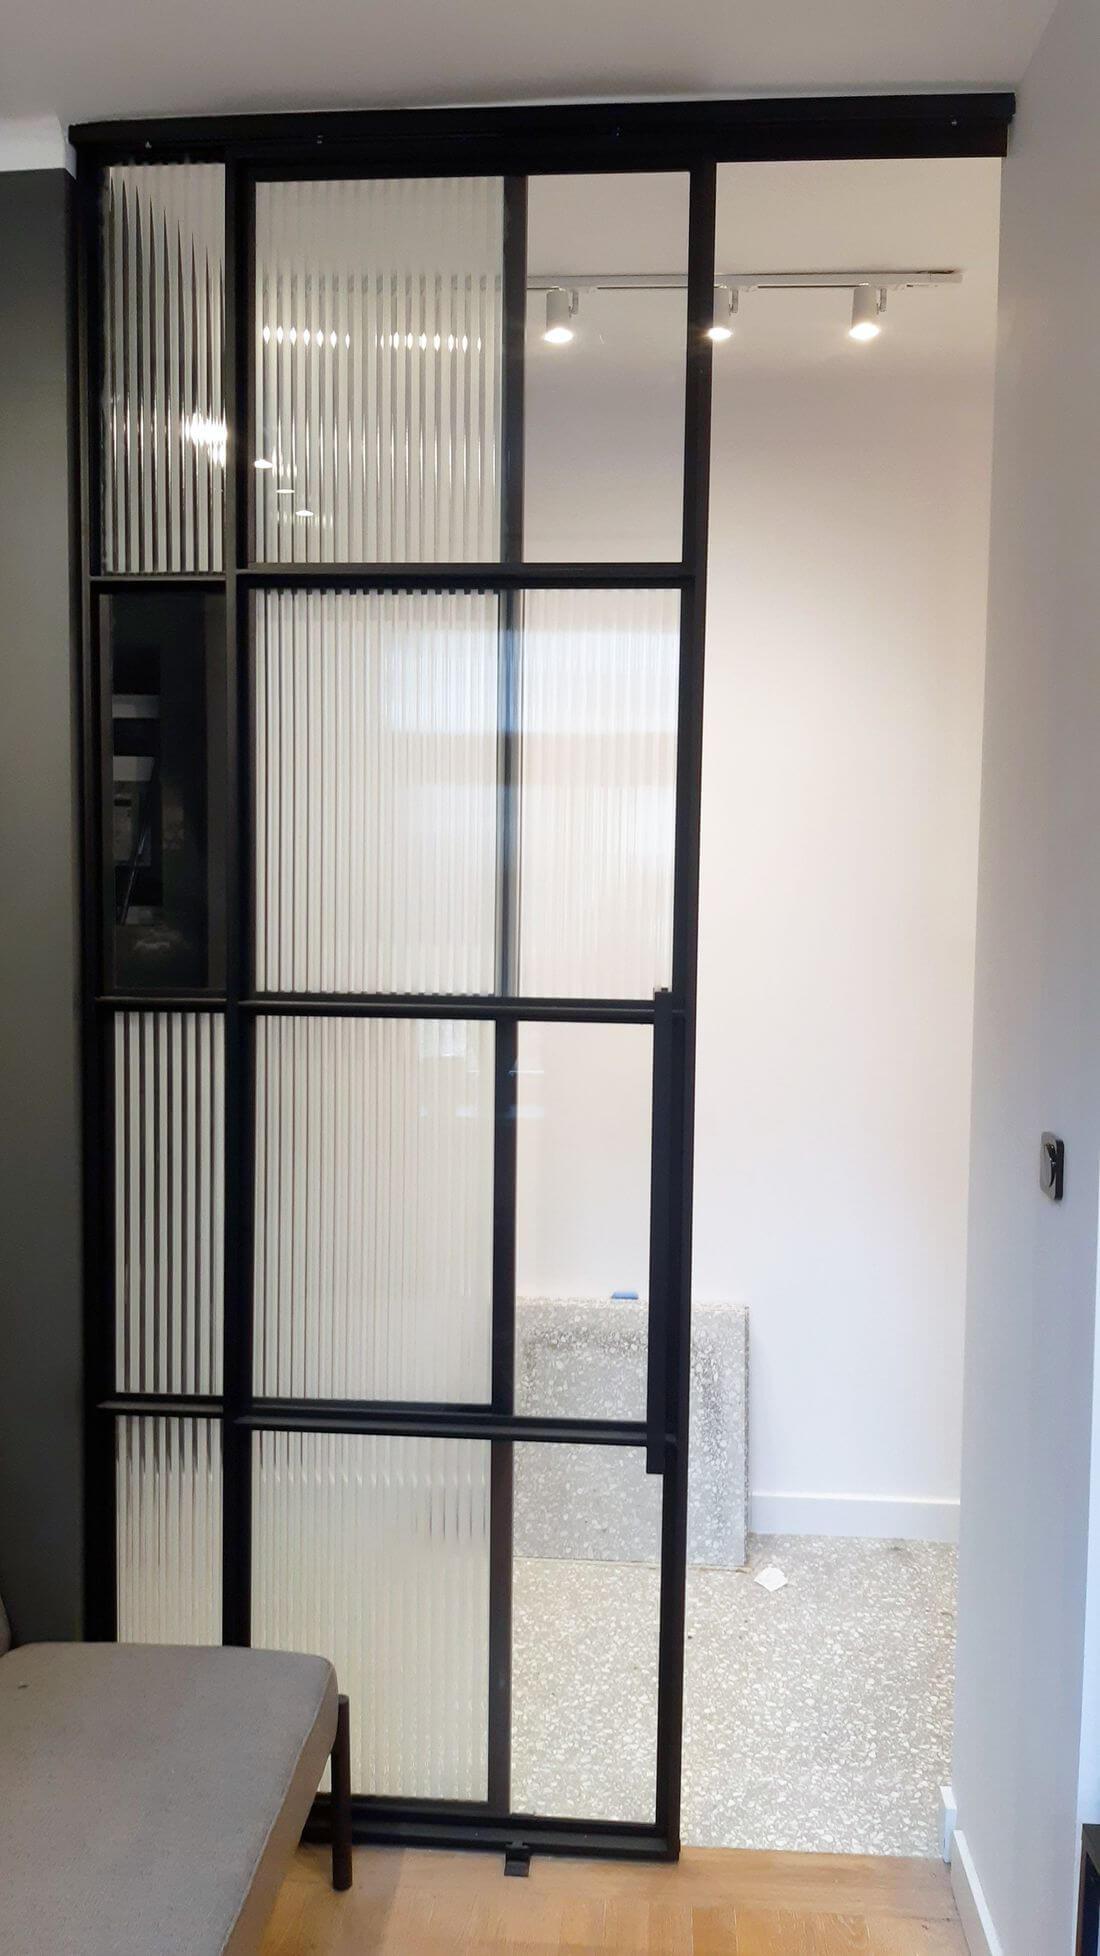 Drzwi przesuwne szklane - stal konstrukcyjna pomalowana na czarno w stylu drobnej struktury kolorem ral 9005